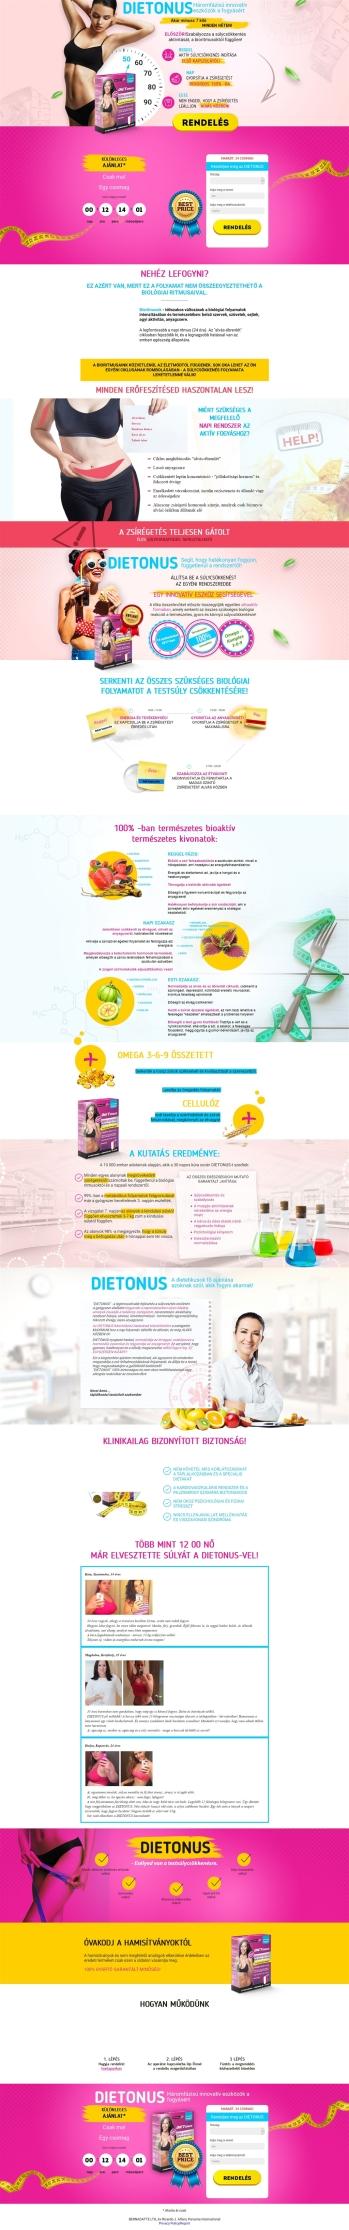 diuretikum teszi-e a fogyást